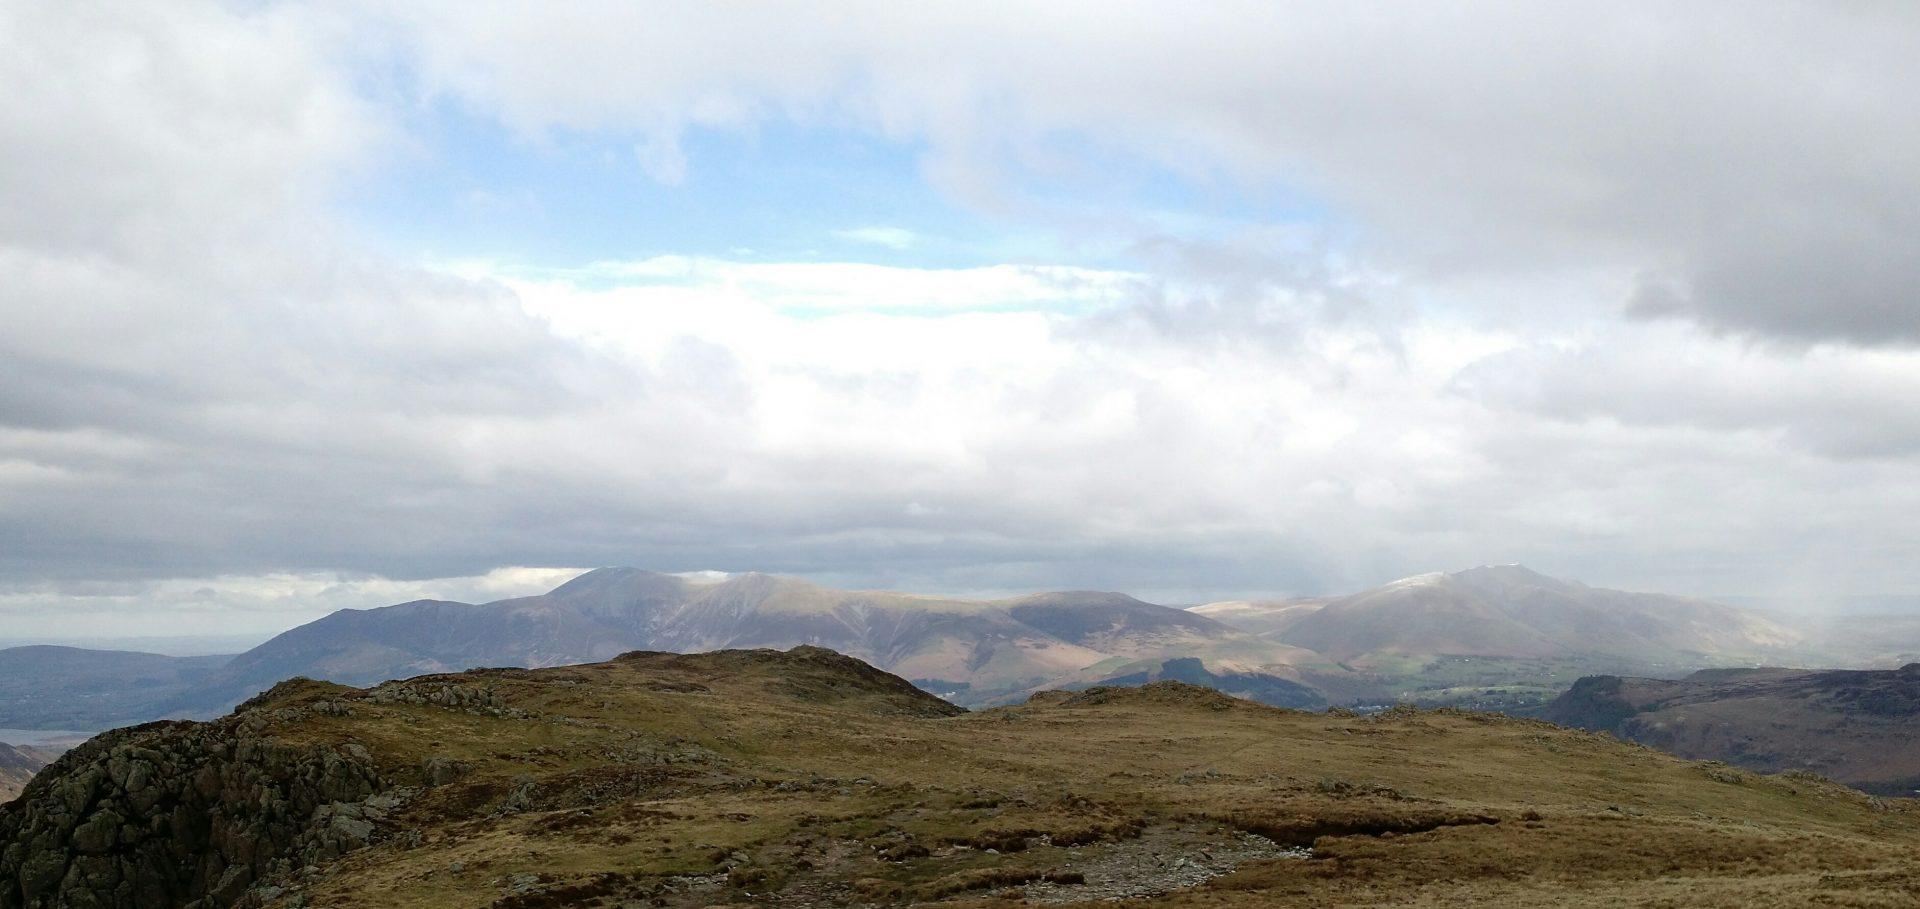 Skiddaw and Blencathra from Maiden Moor, near Rosthwaite